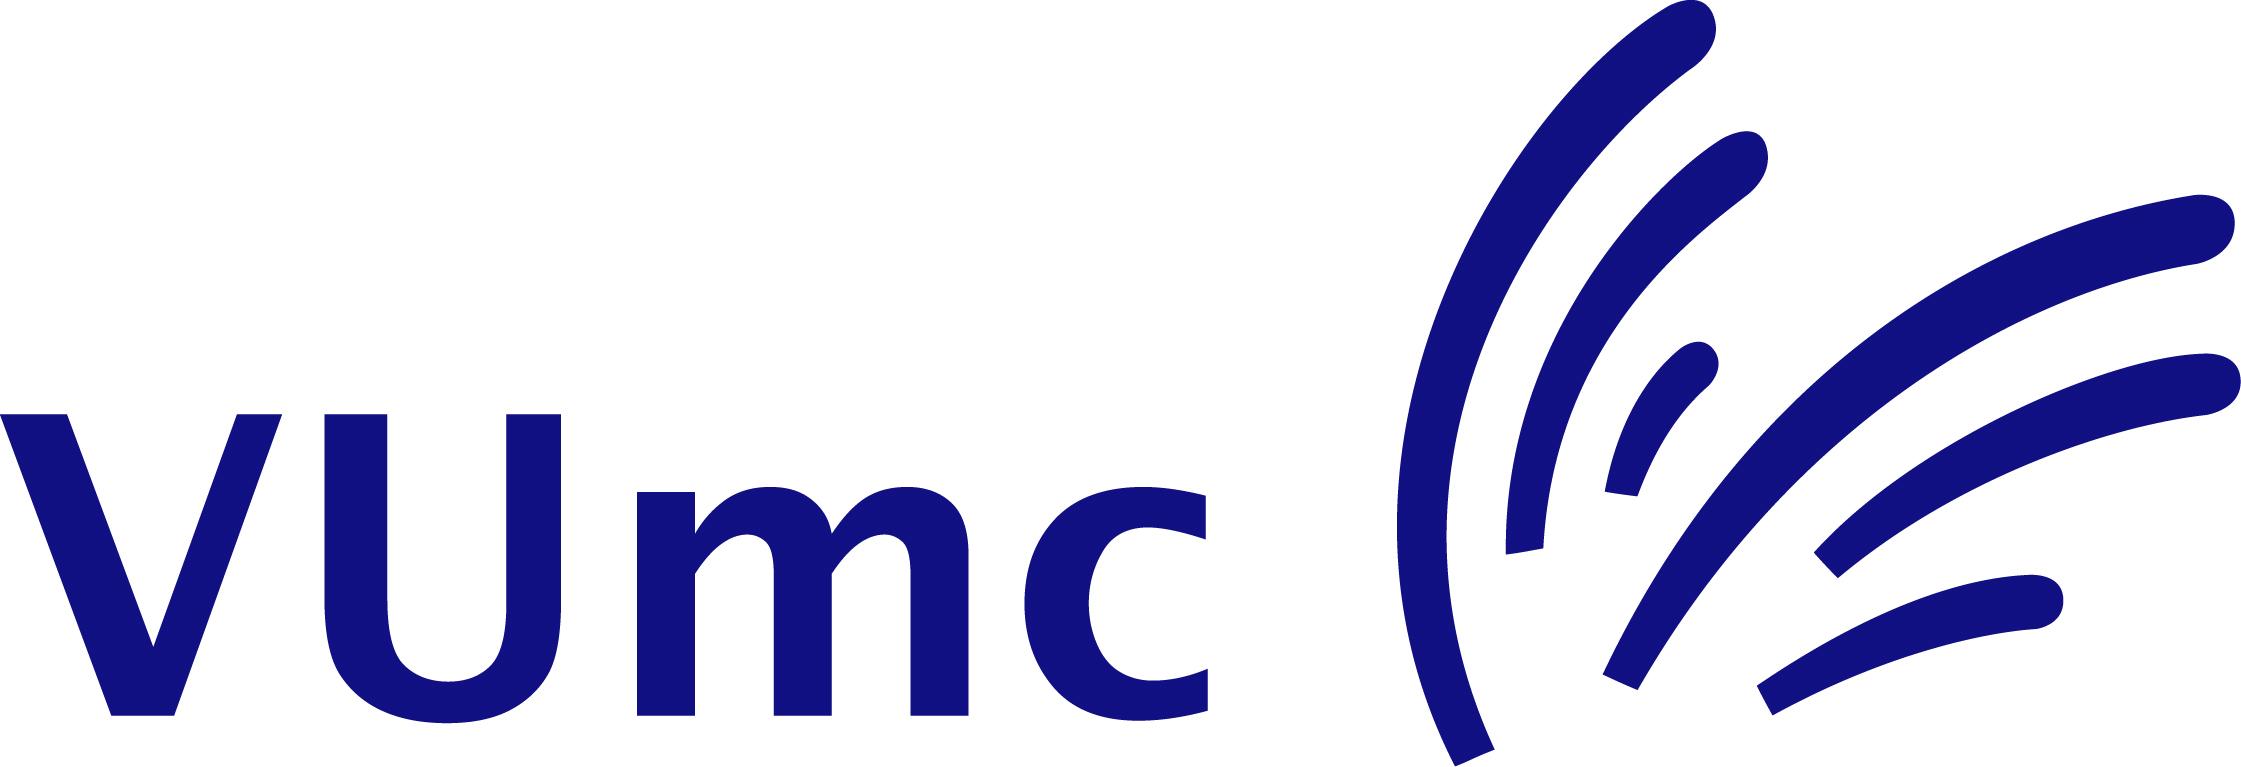 VU-Medisch-Centrum-Amsterdam-been-management-consulting